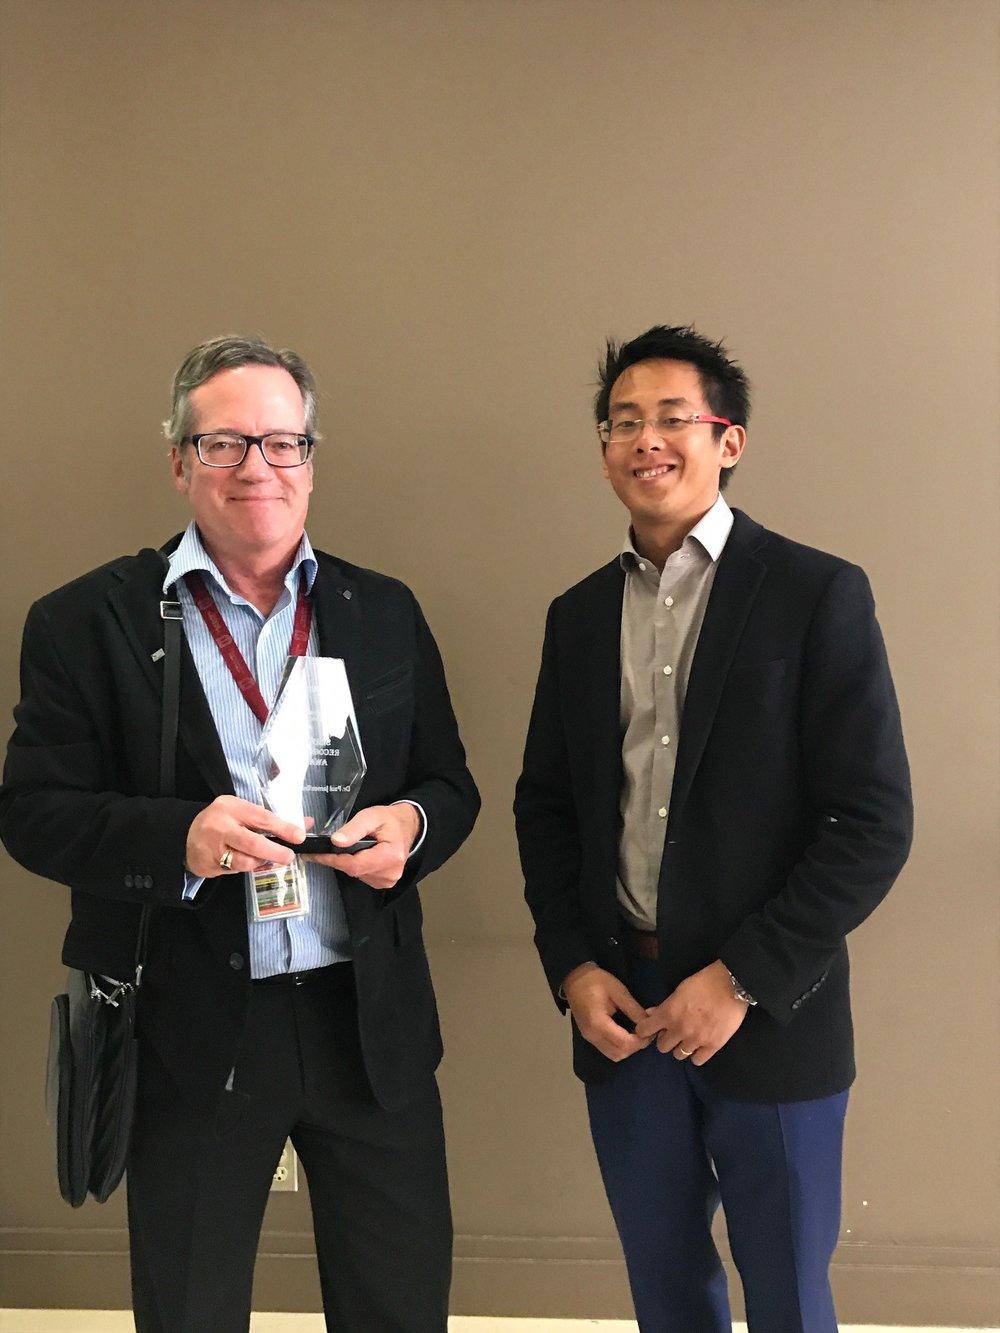 Dr. Boiteau & Dr. Chan.JPG